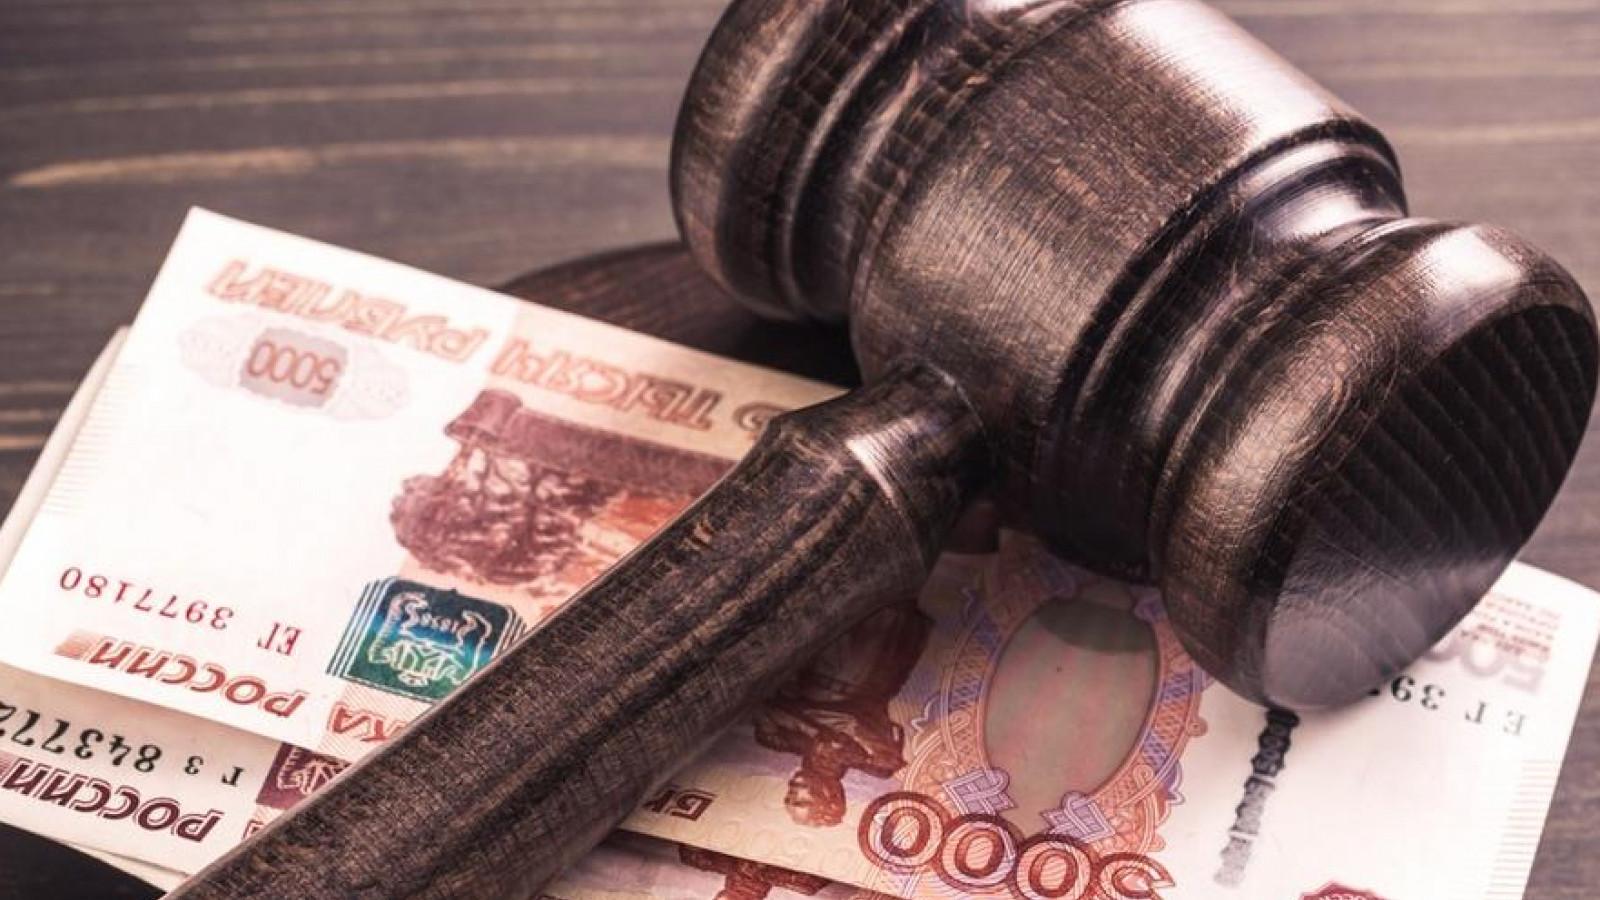 Подмосковное УФАС оштрафовало ООО «Арина» на 300 тыс. рублей